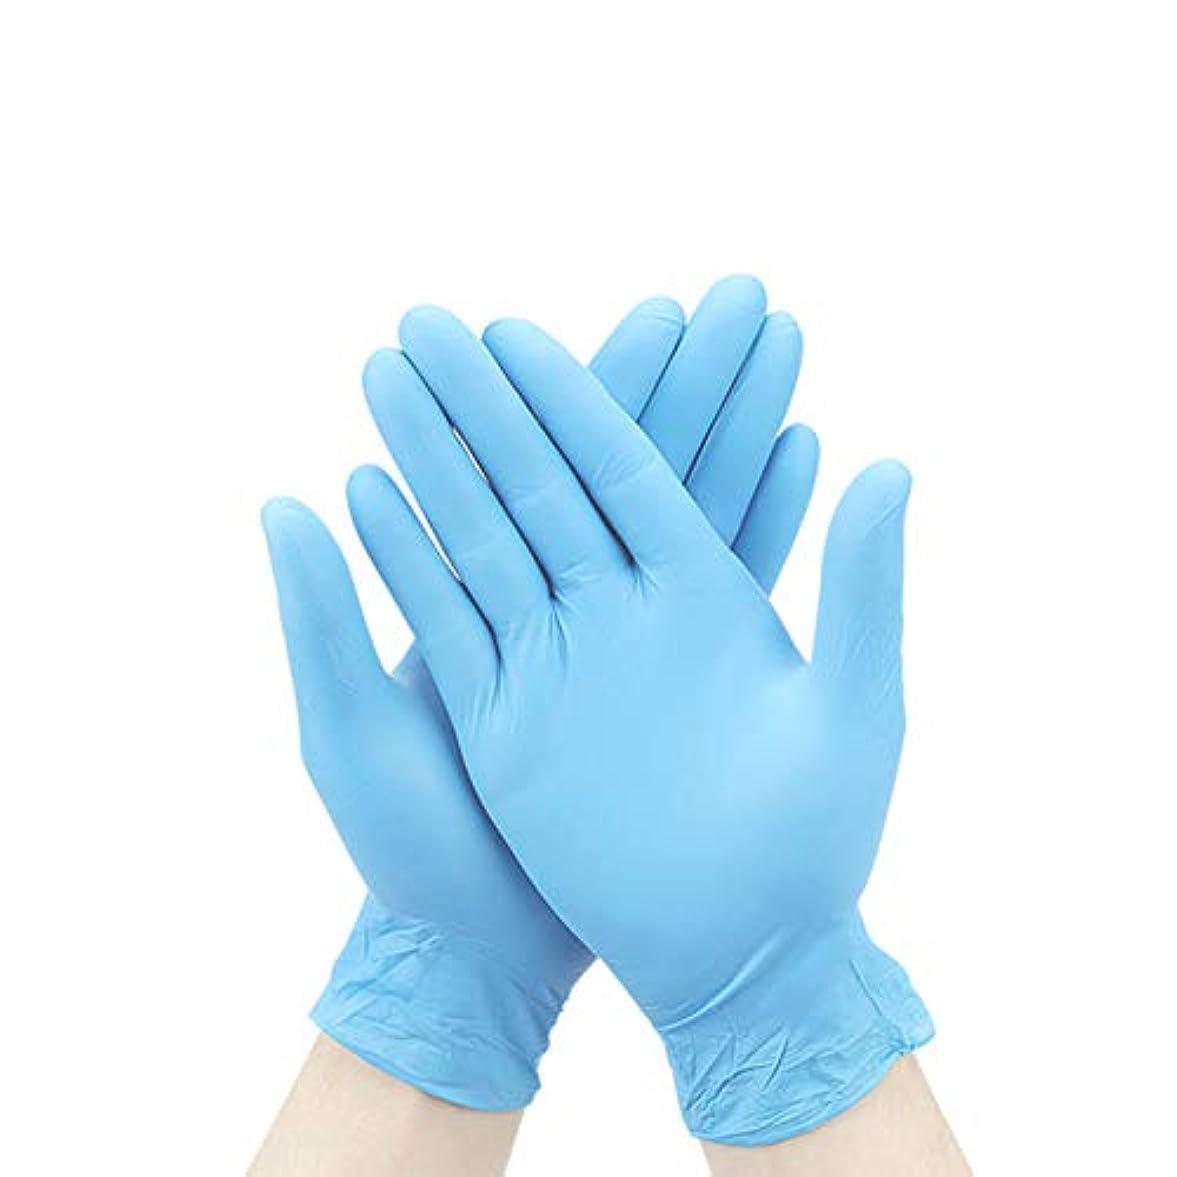 回転させる百大胆なACHICOO ニトリルゴム手袋 使い捨て手袋 100個/箱 9インチ ブラック検査実験 耐久性 クリーン電子 ライトブルー 1ペア